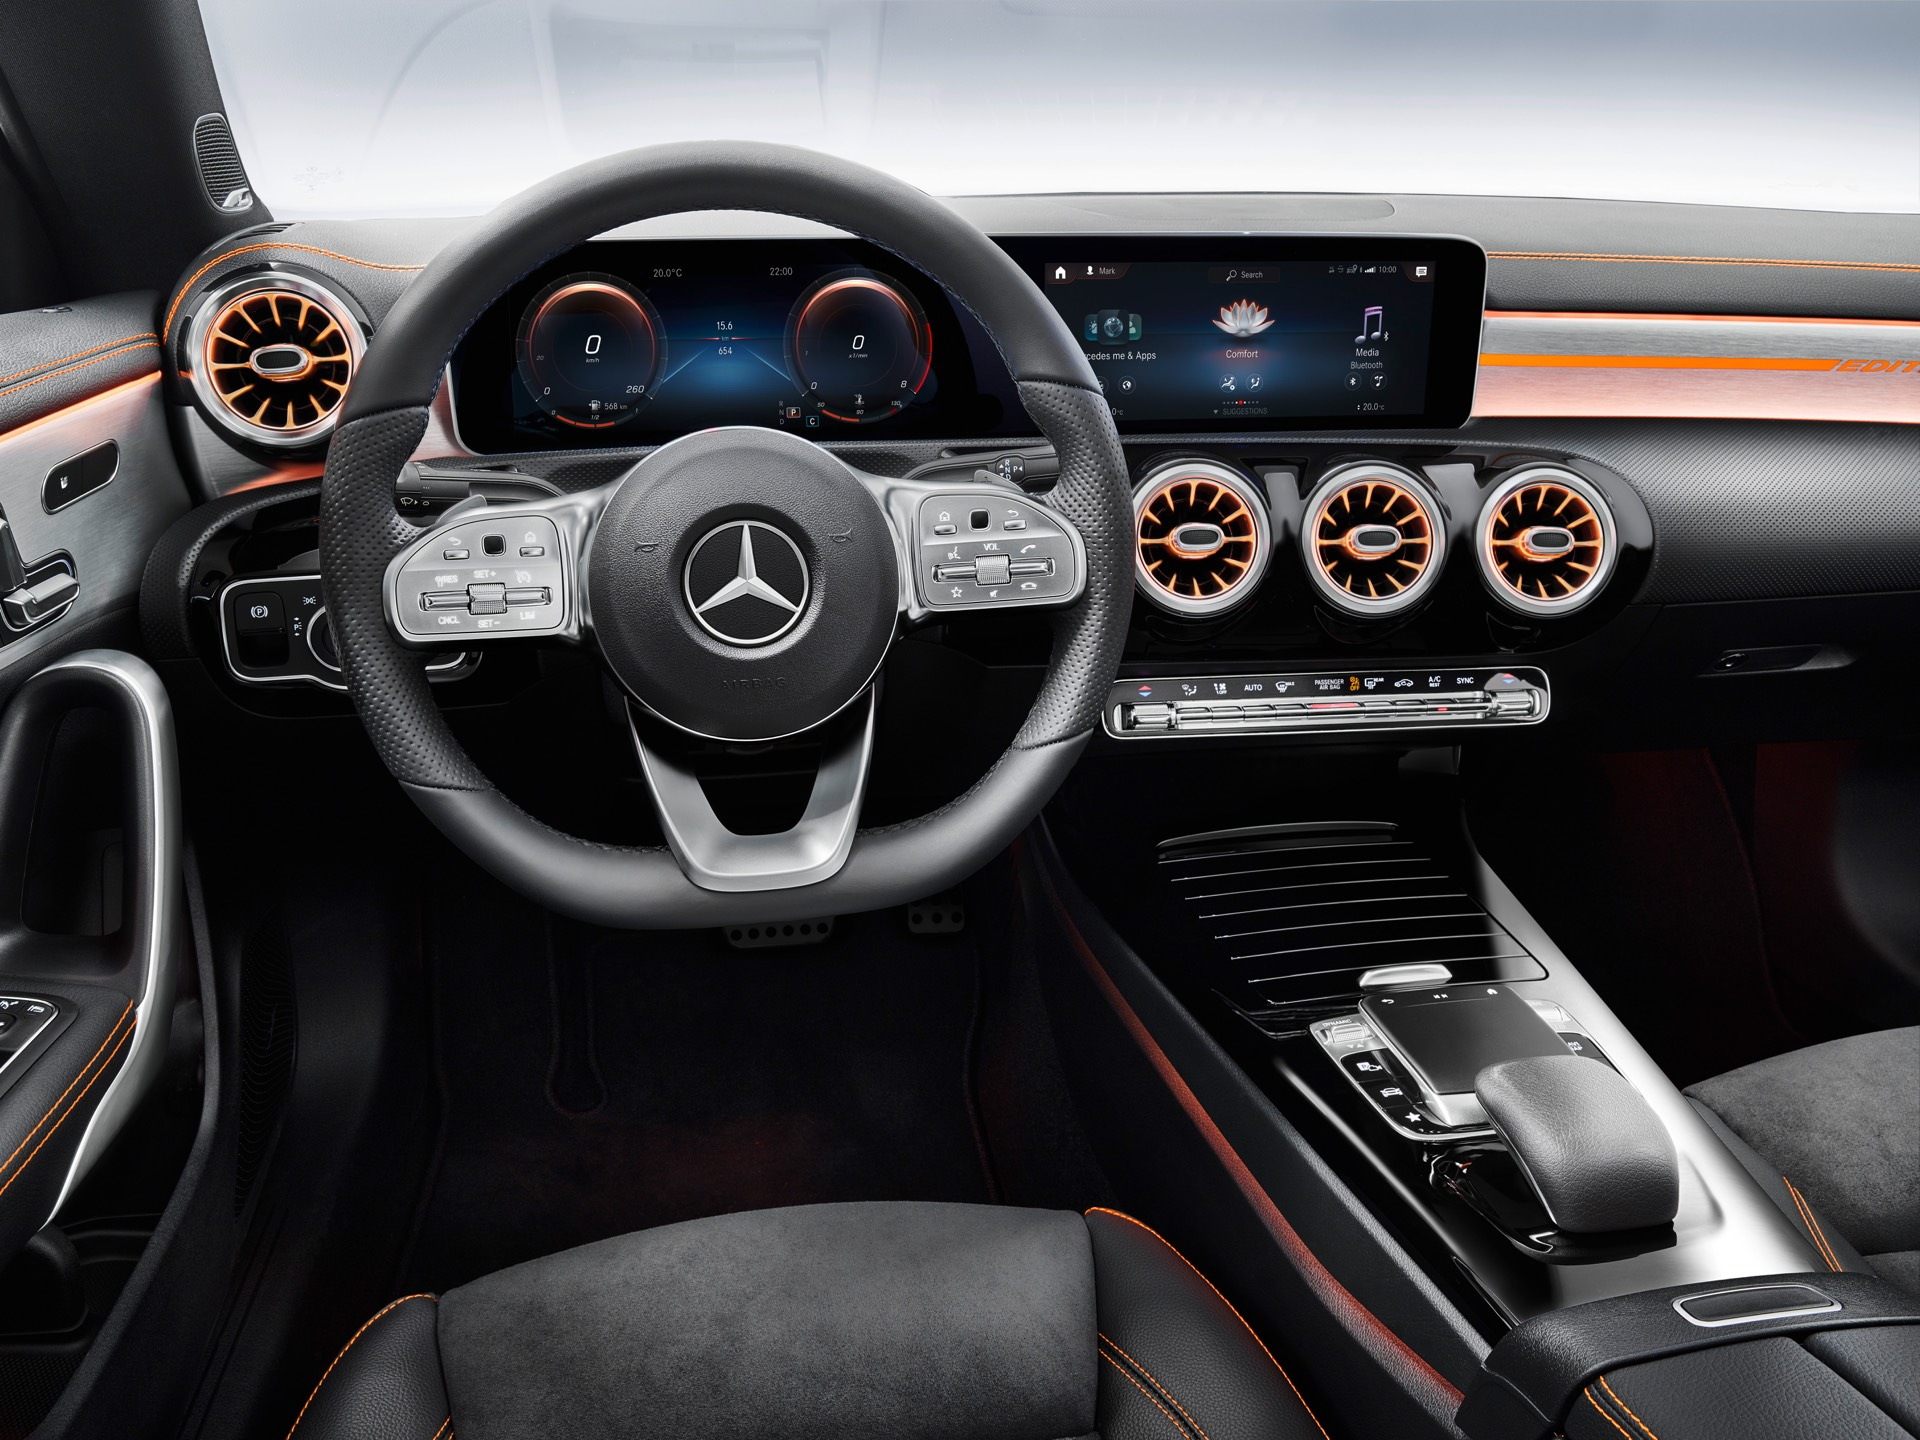 2019 Mercedes-Benz CLA Class Dash Board